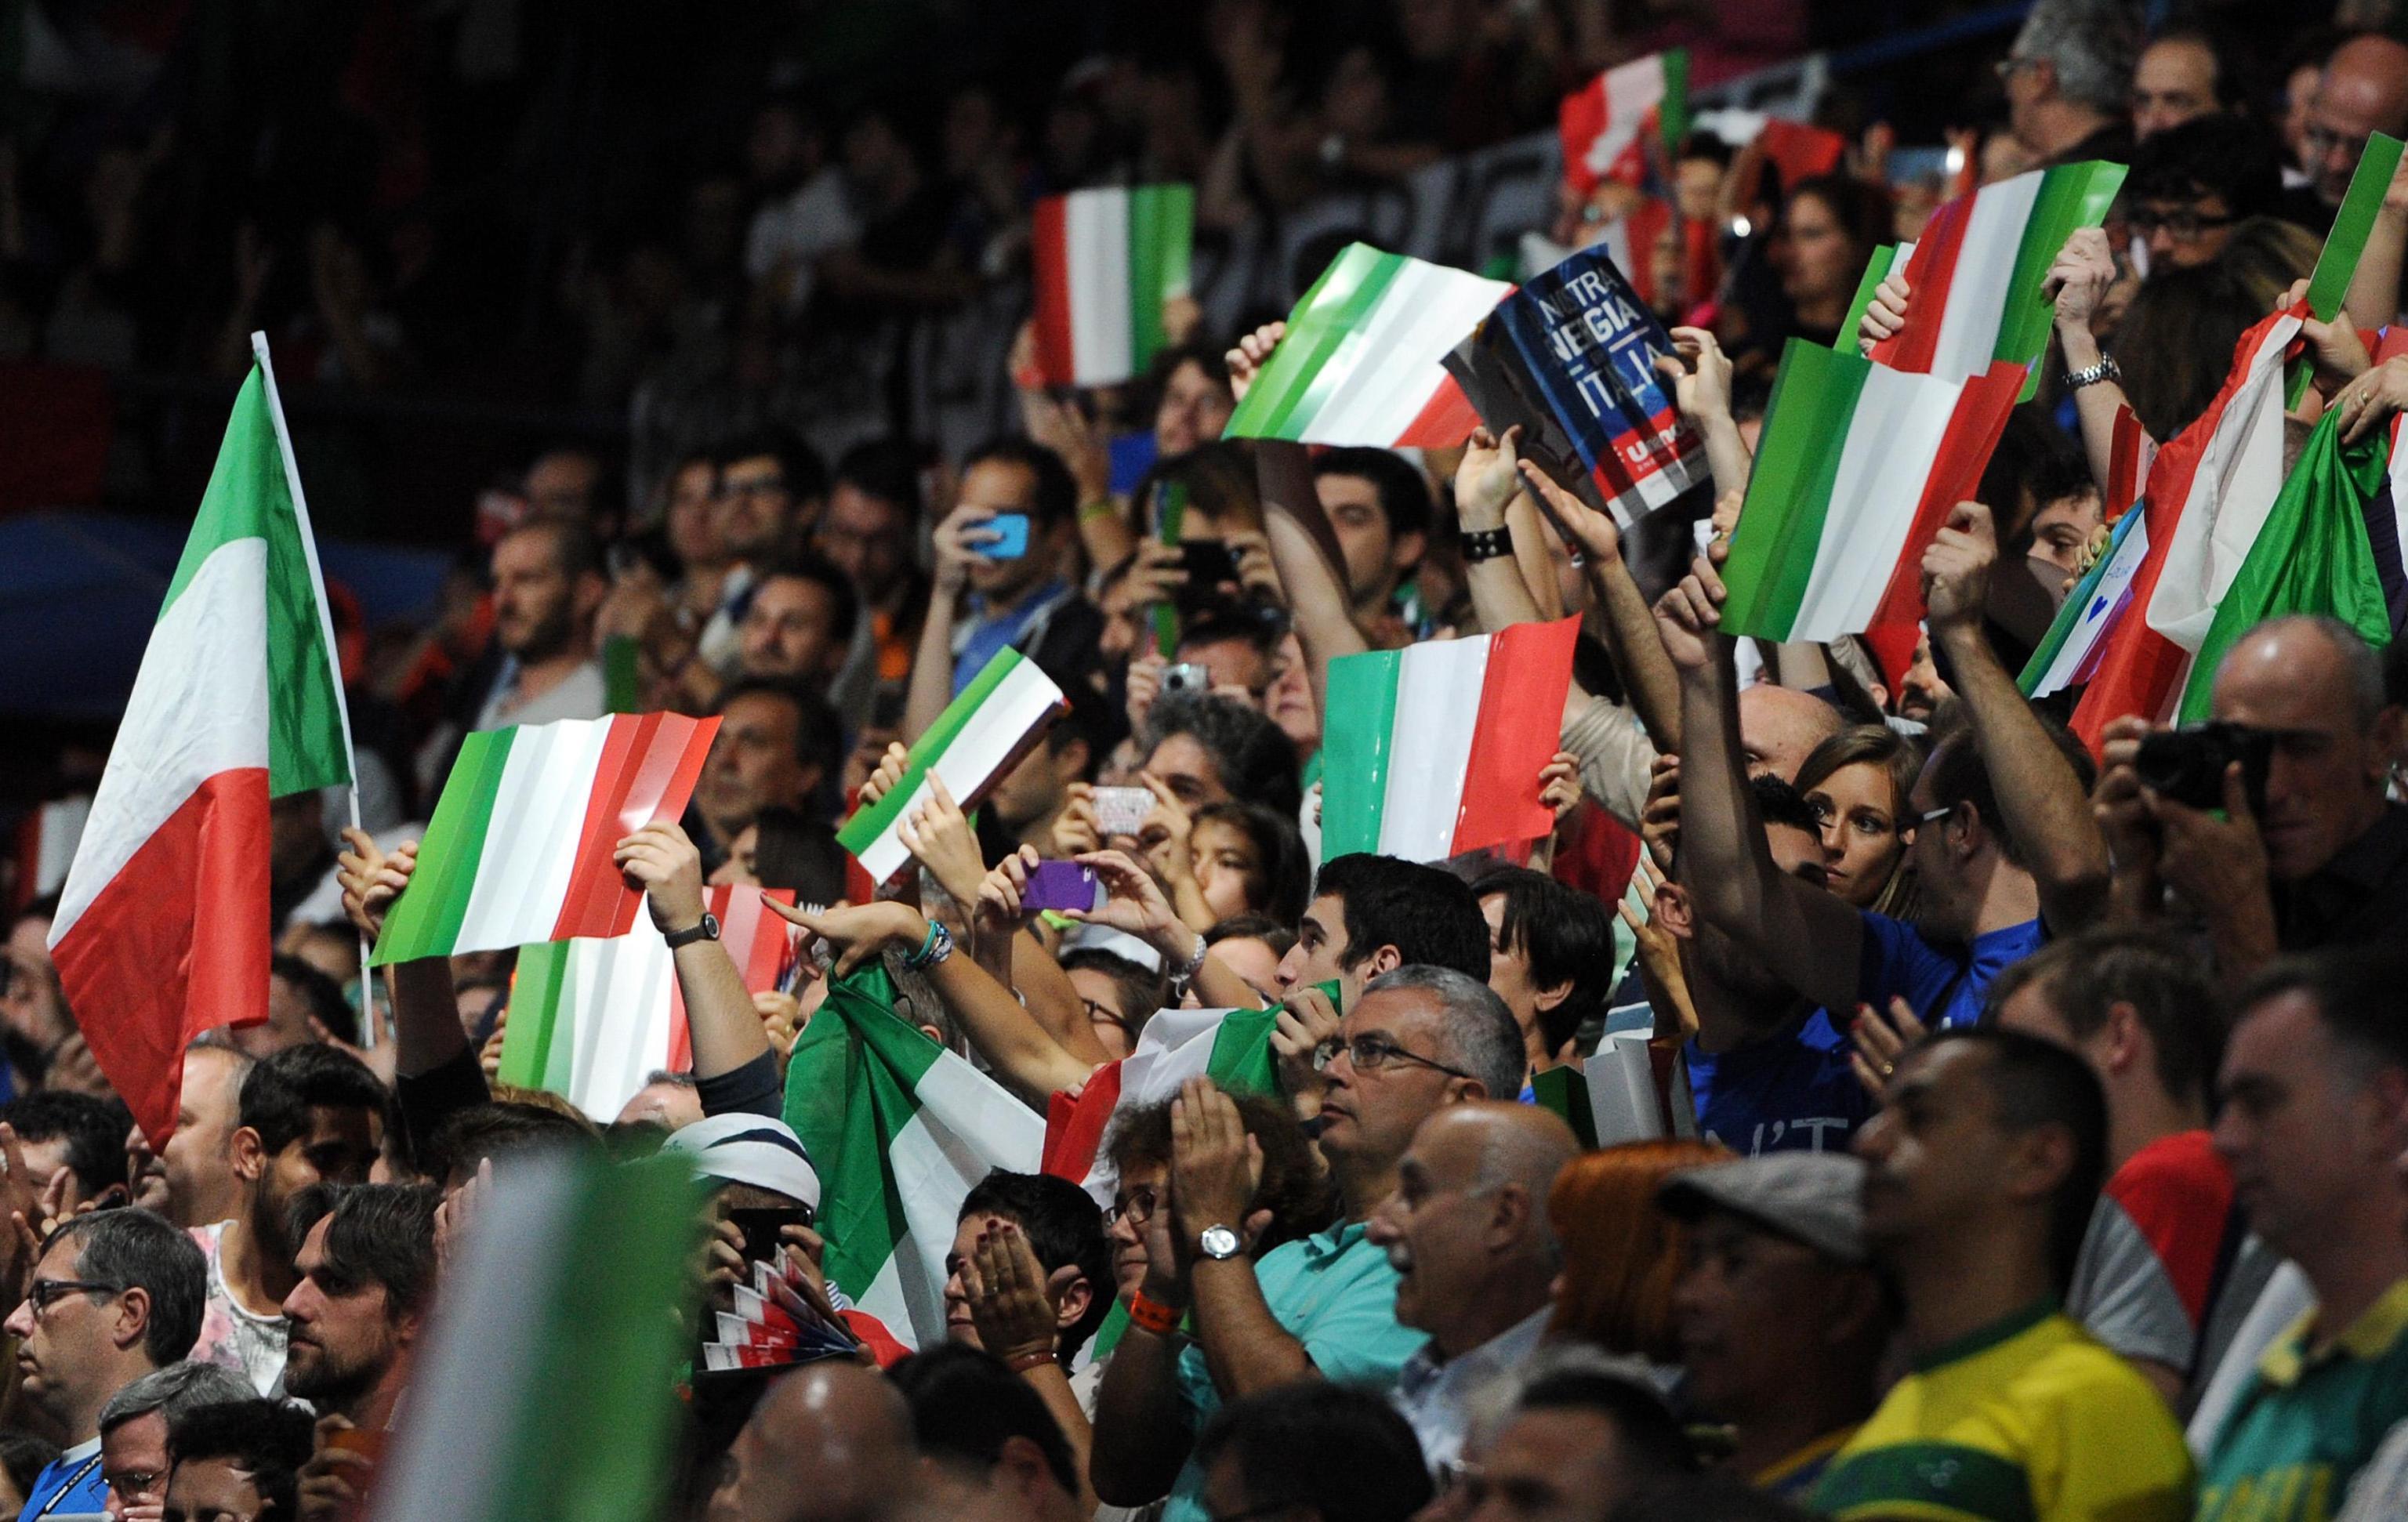 Pallavolo_Mondiali_Italia_Russia_16